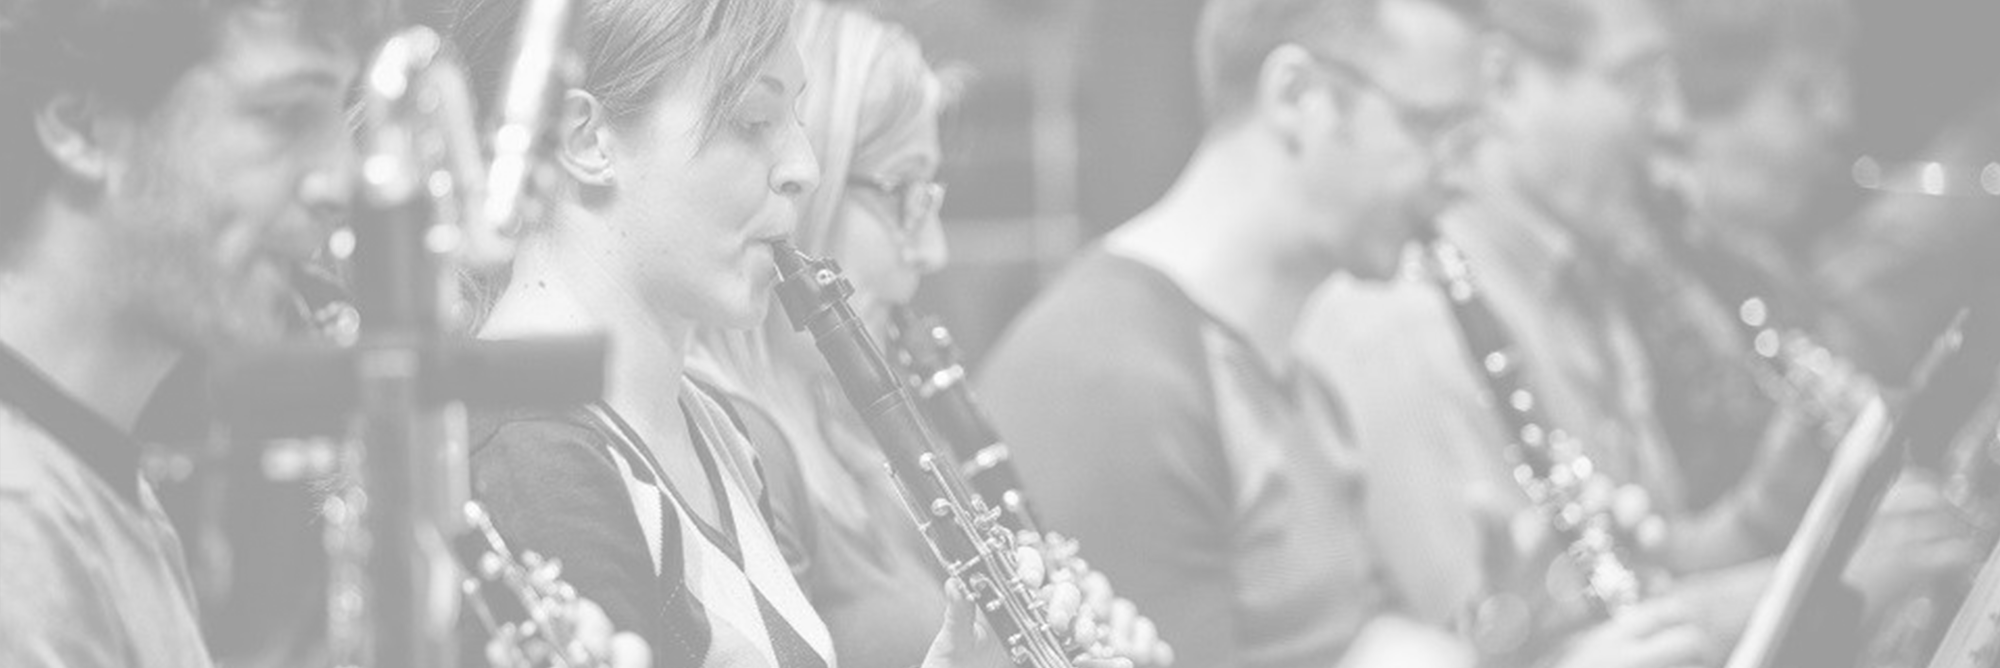 """Gracias al concierto reivindicativo realizado en octubre de 2014, logramos impedir la desaparición de nuestra orquesta"""""""